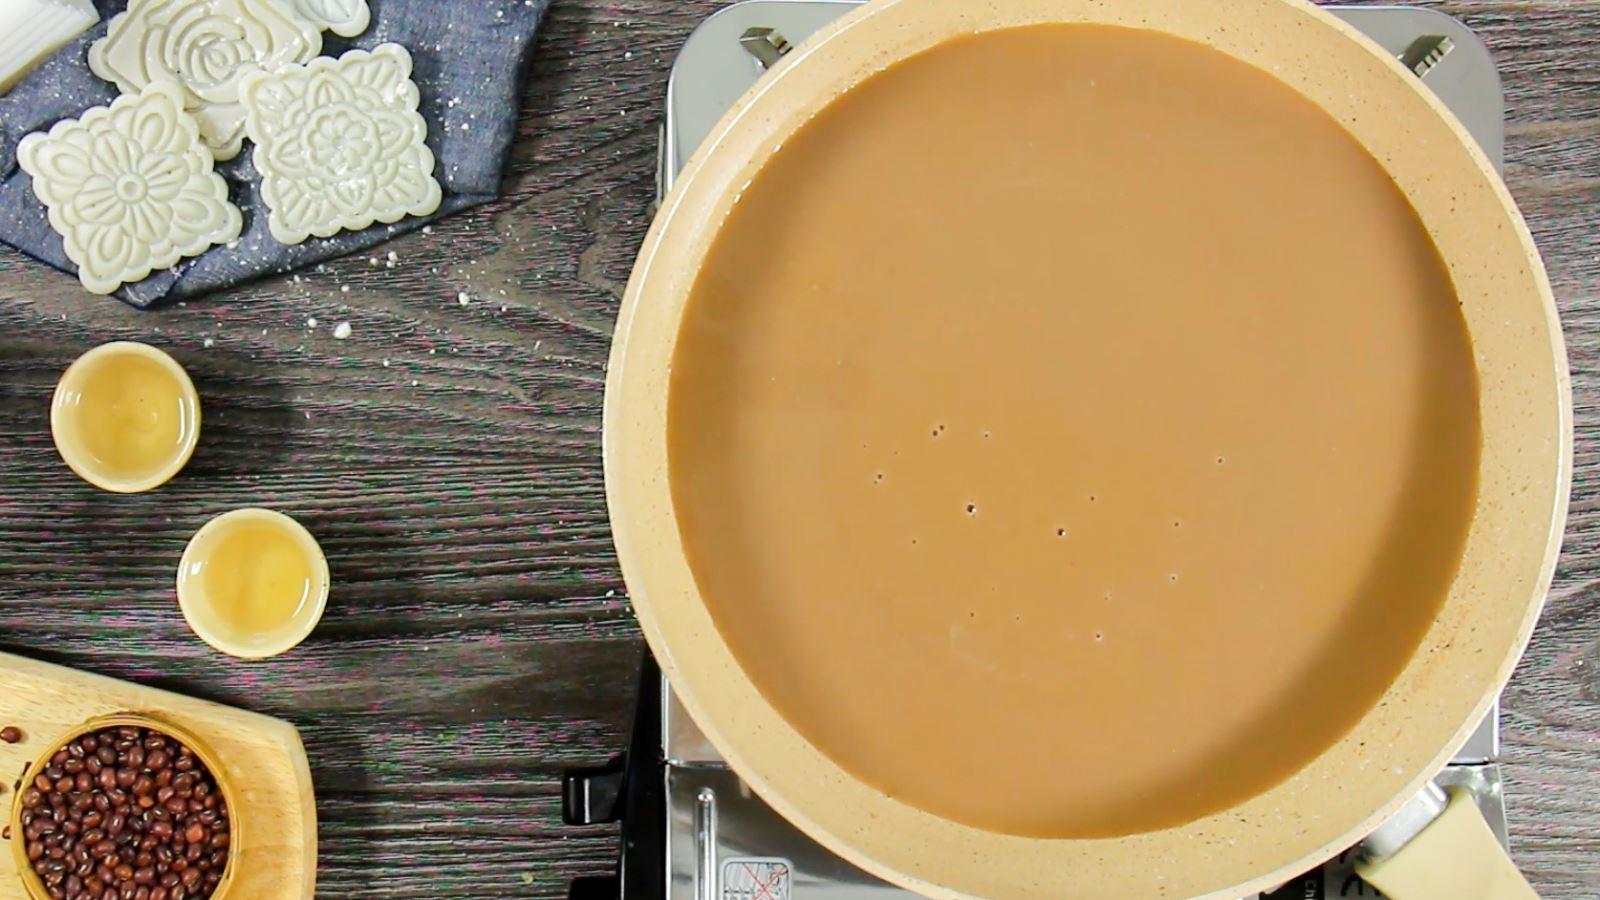 cách làm nhân đậu đỏ 12 cách làm nhân đậu đỏ Cách làm nhân đậu đỏ nhuyễn mịn cho Trung thu 2019 cach lam nhan dau do 12